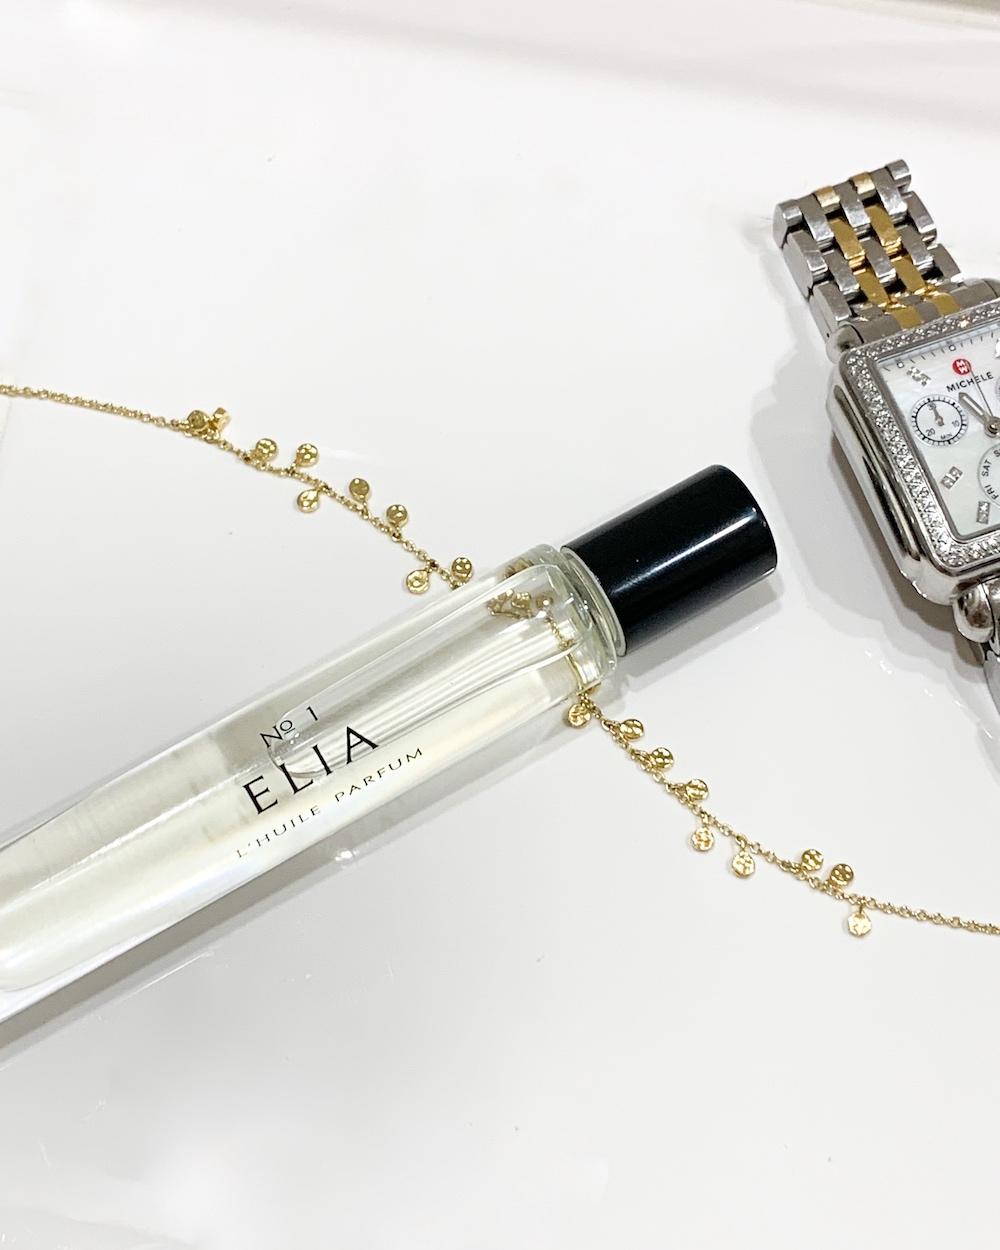 elia_parfum